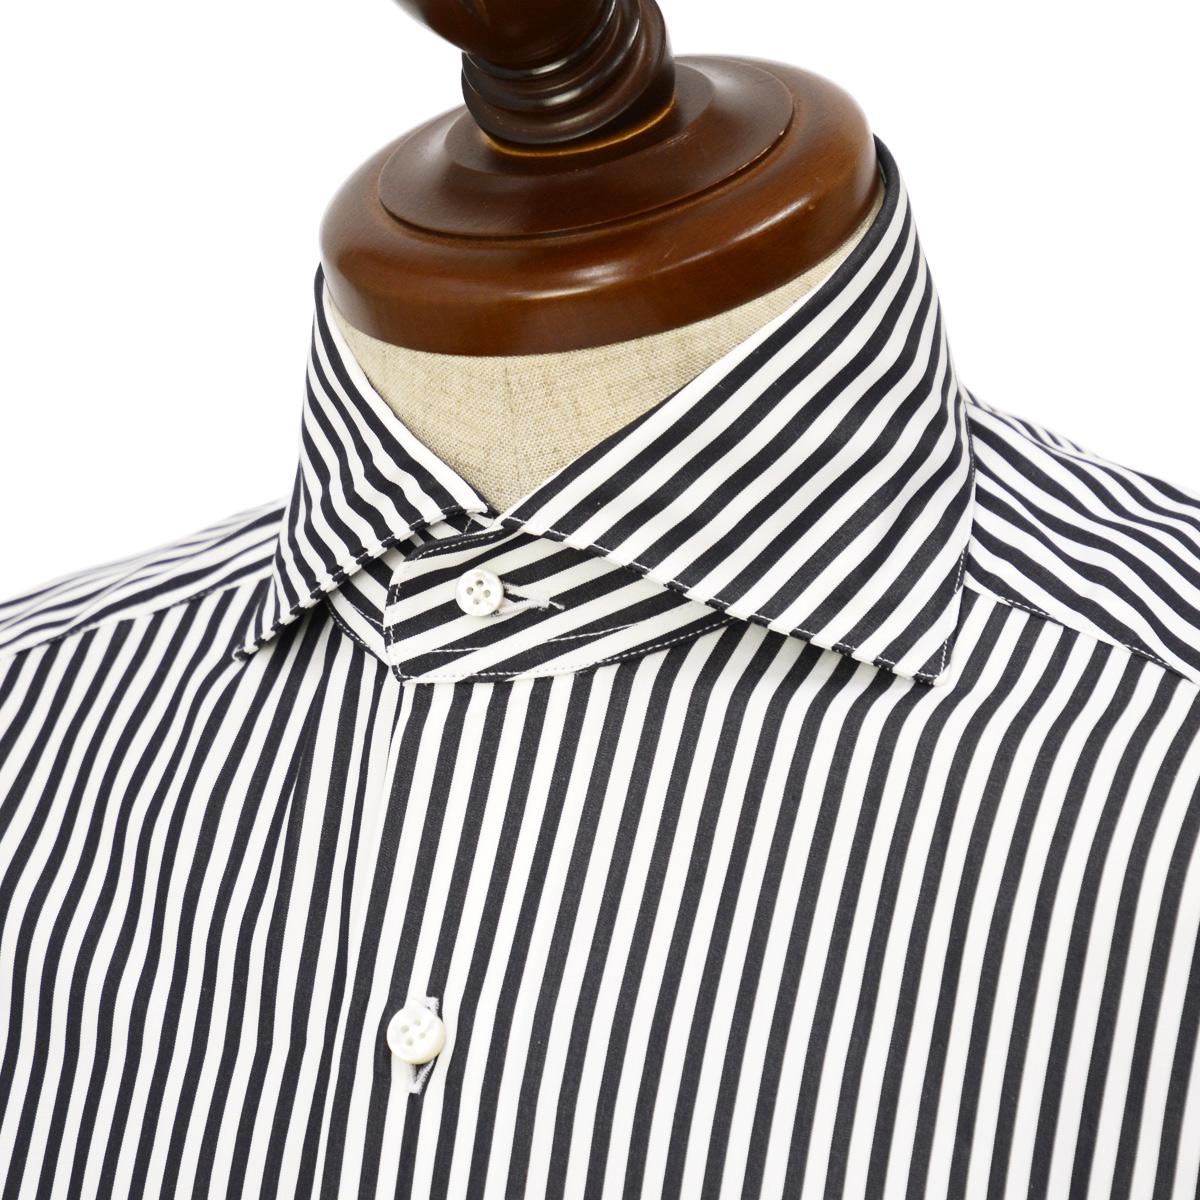 BARBA【バルバ】ドレスシャツ BRUNO I1U262593302U フラシ コットン ロンドンストライプ ブラック×ホワイト